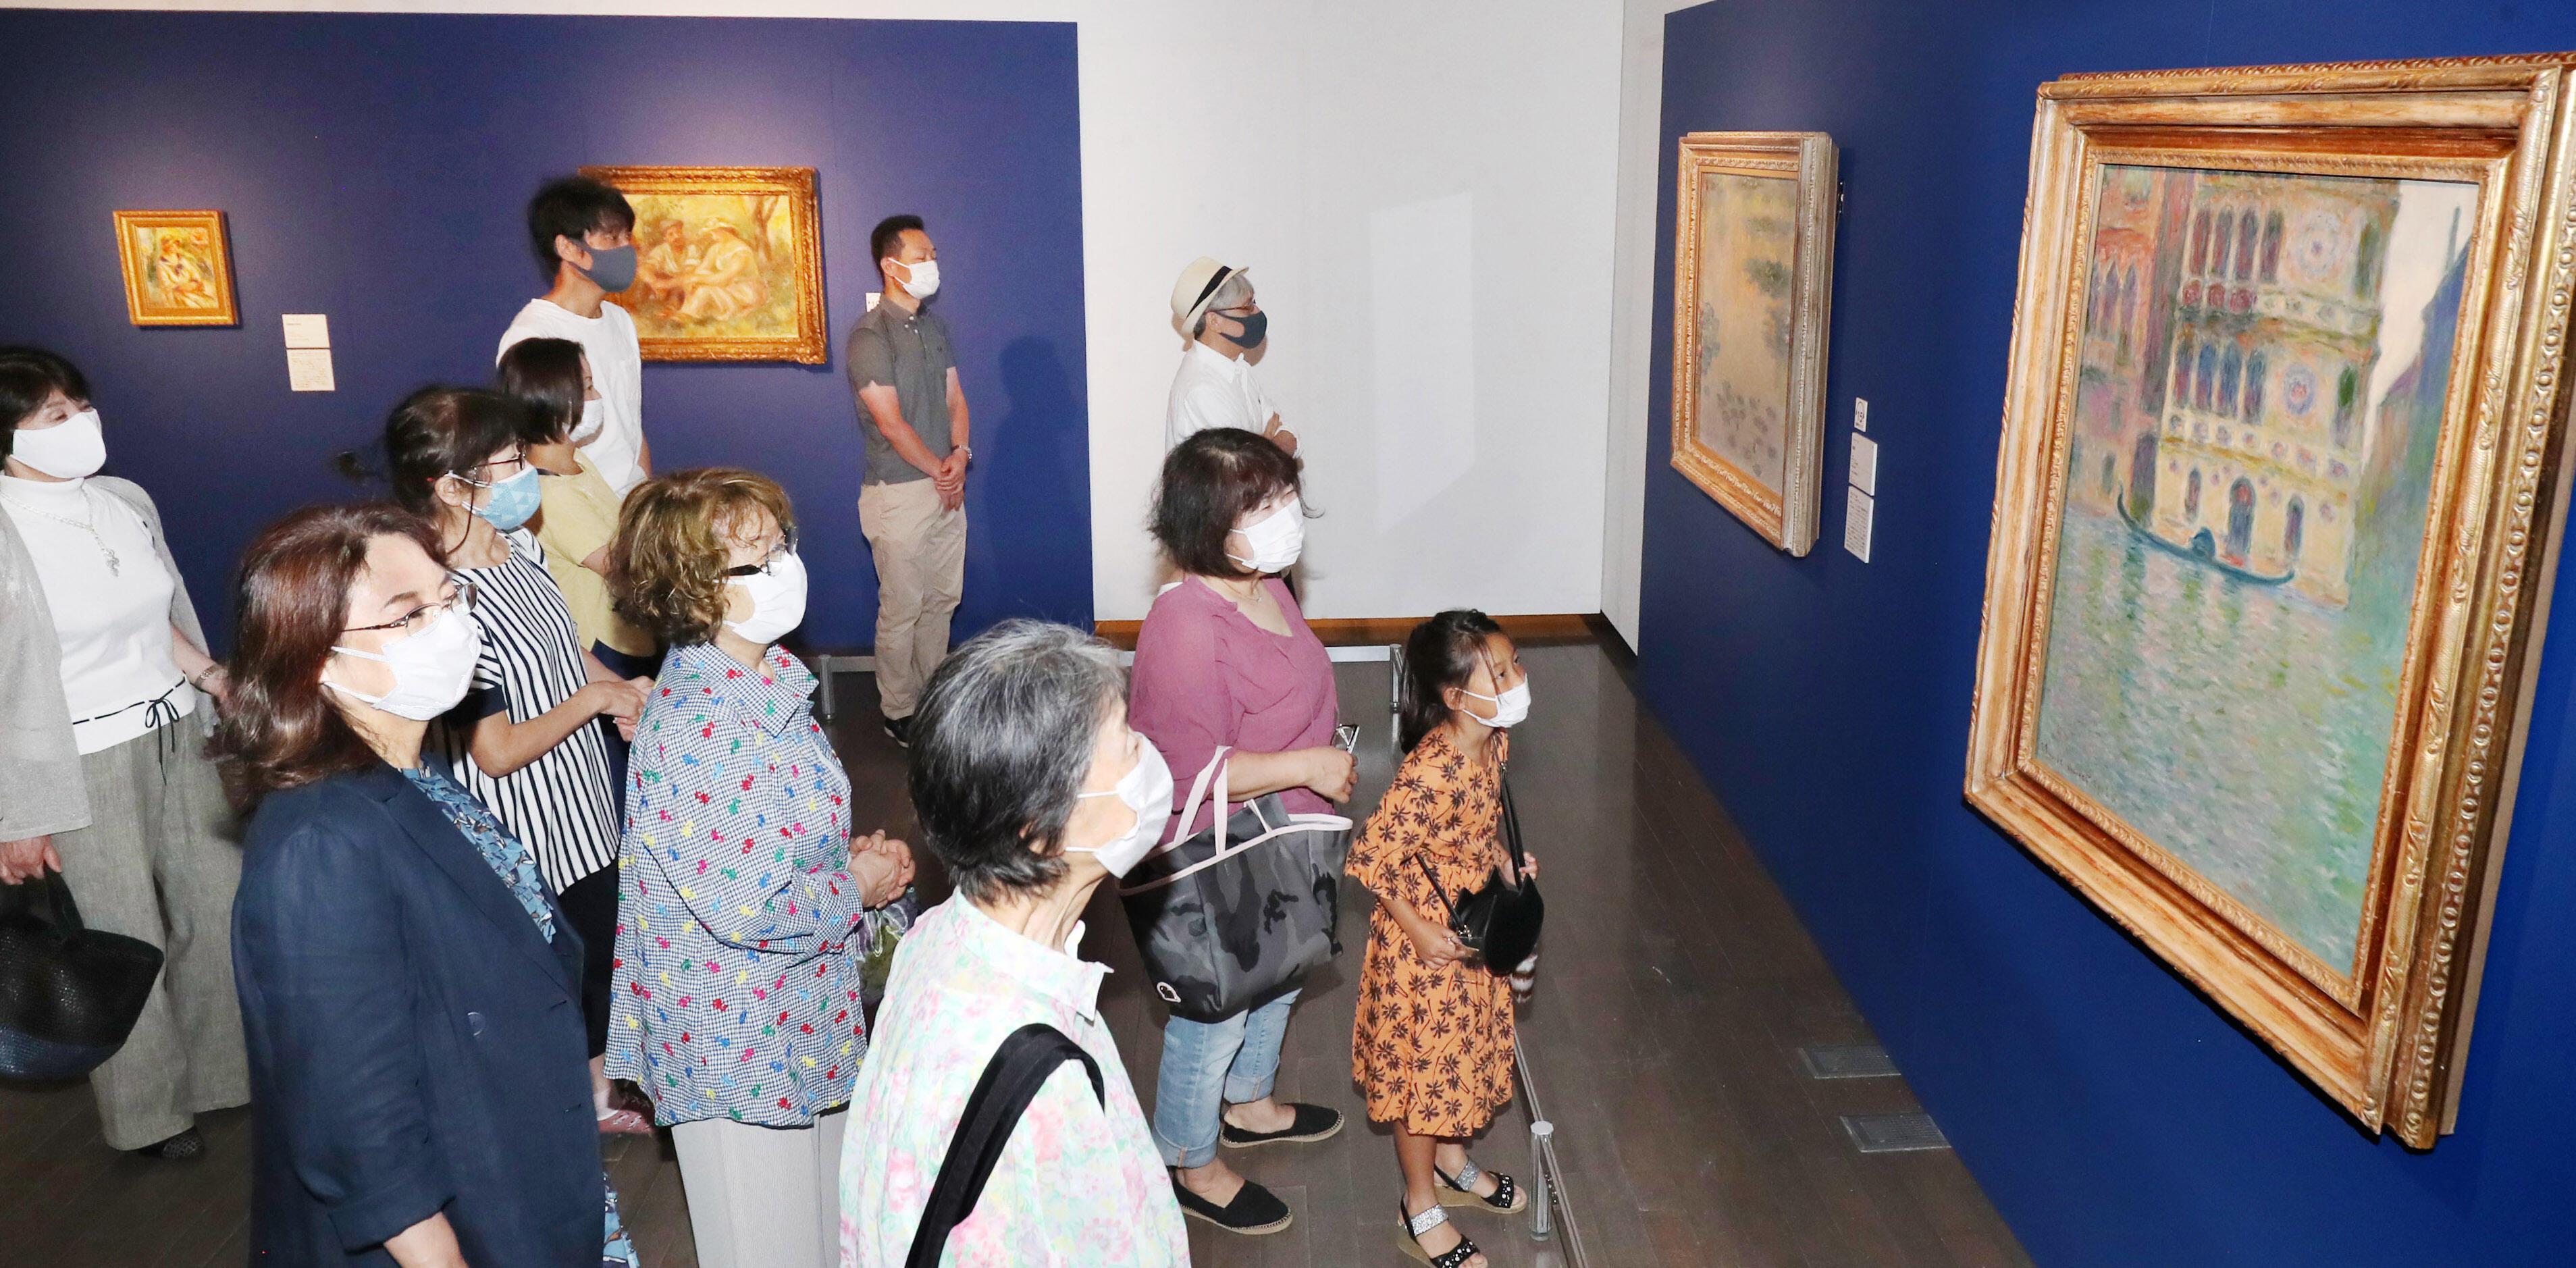 名画と触れ合う美術ファン=金沢21世紀美術館